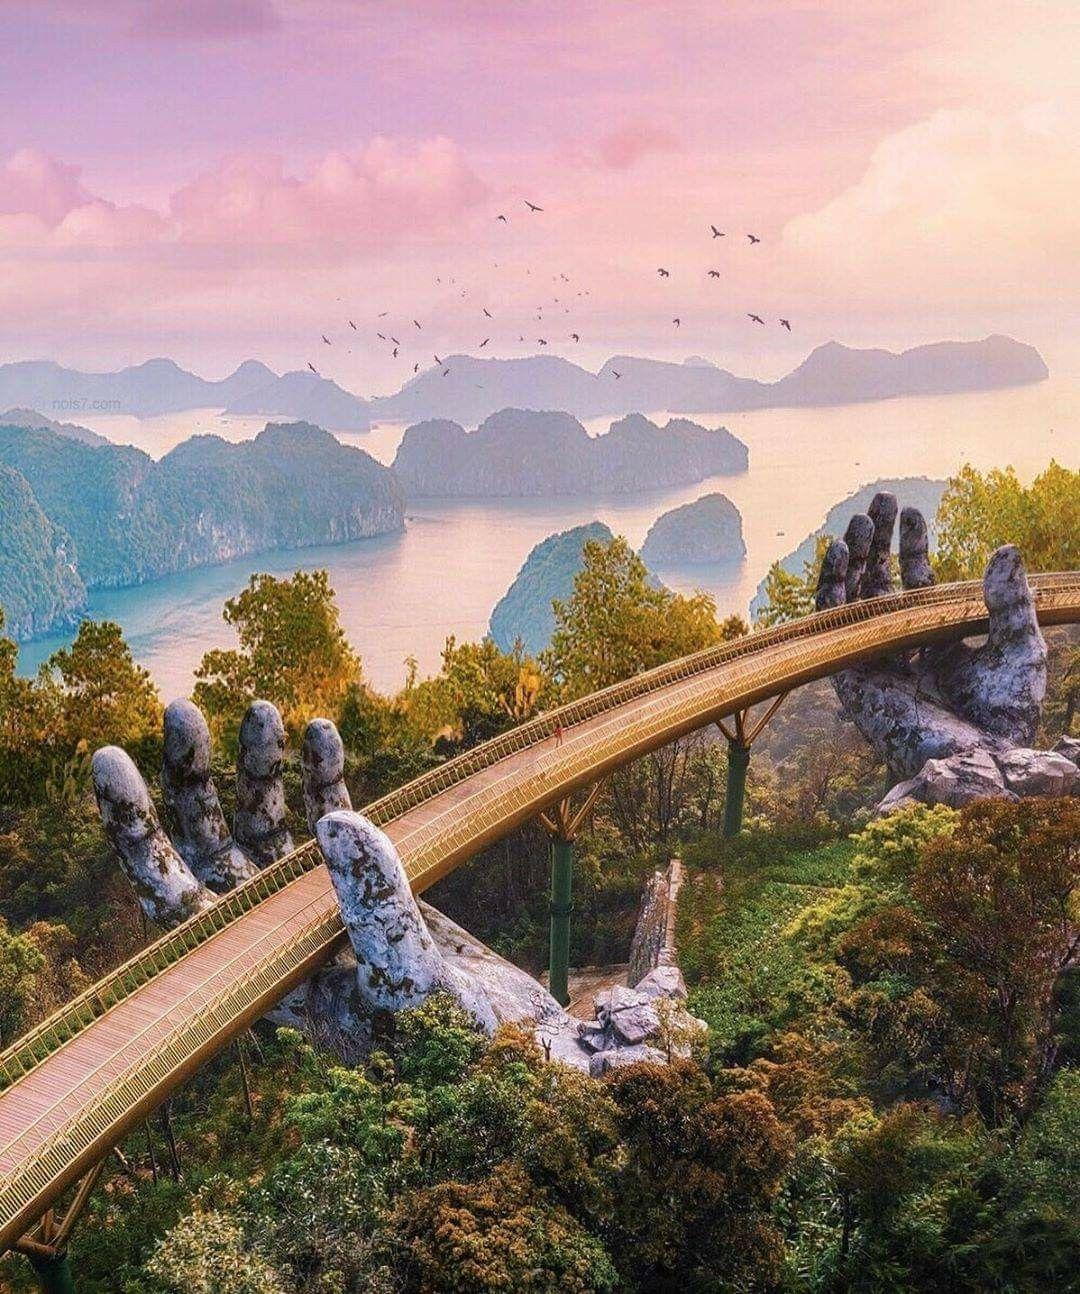 تحفة فنية معمارية في فيتنام ي عد جسر كو فانغ للمشاة والمعروف أيض ا باسم الجسر الذهبي وجه Places To Travel Beautiful Places To Travel Travel Aesthetic